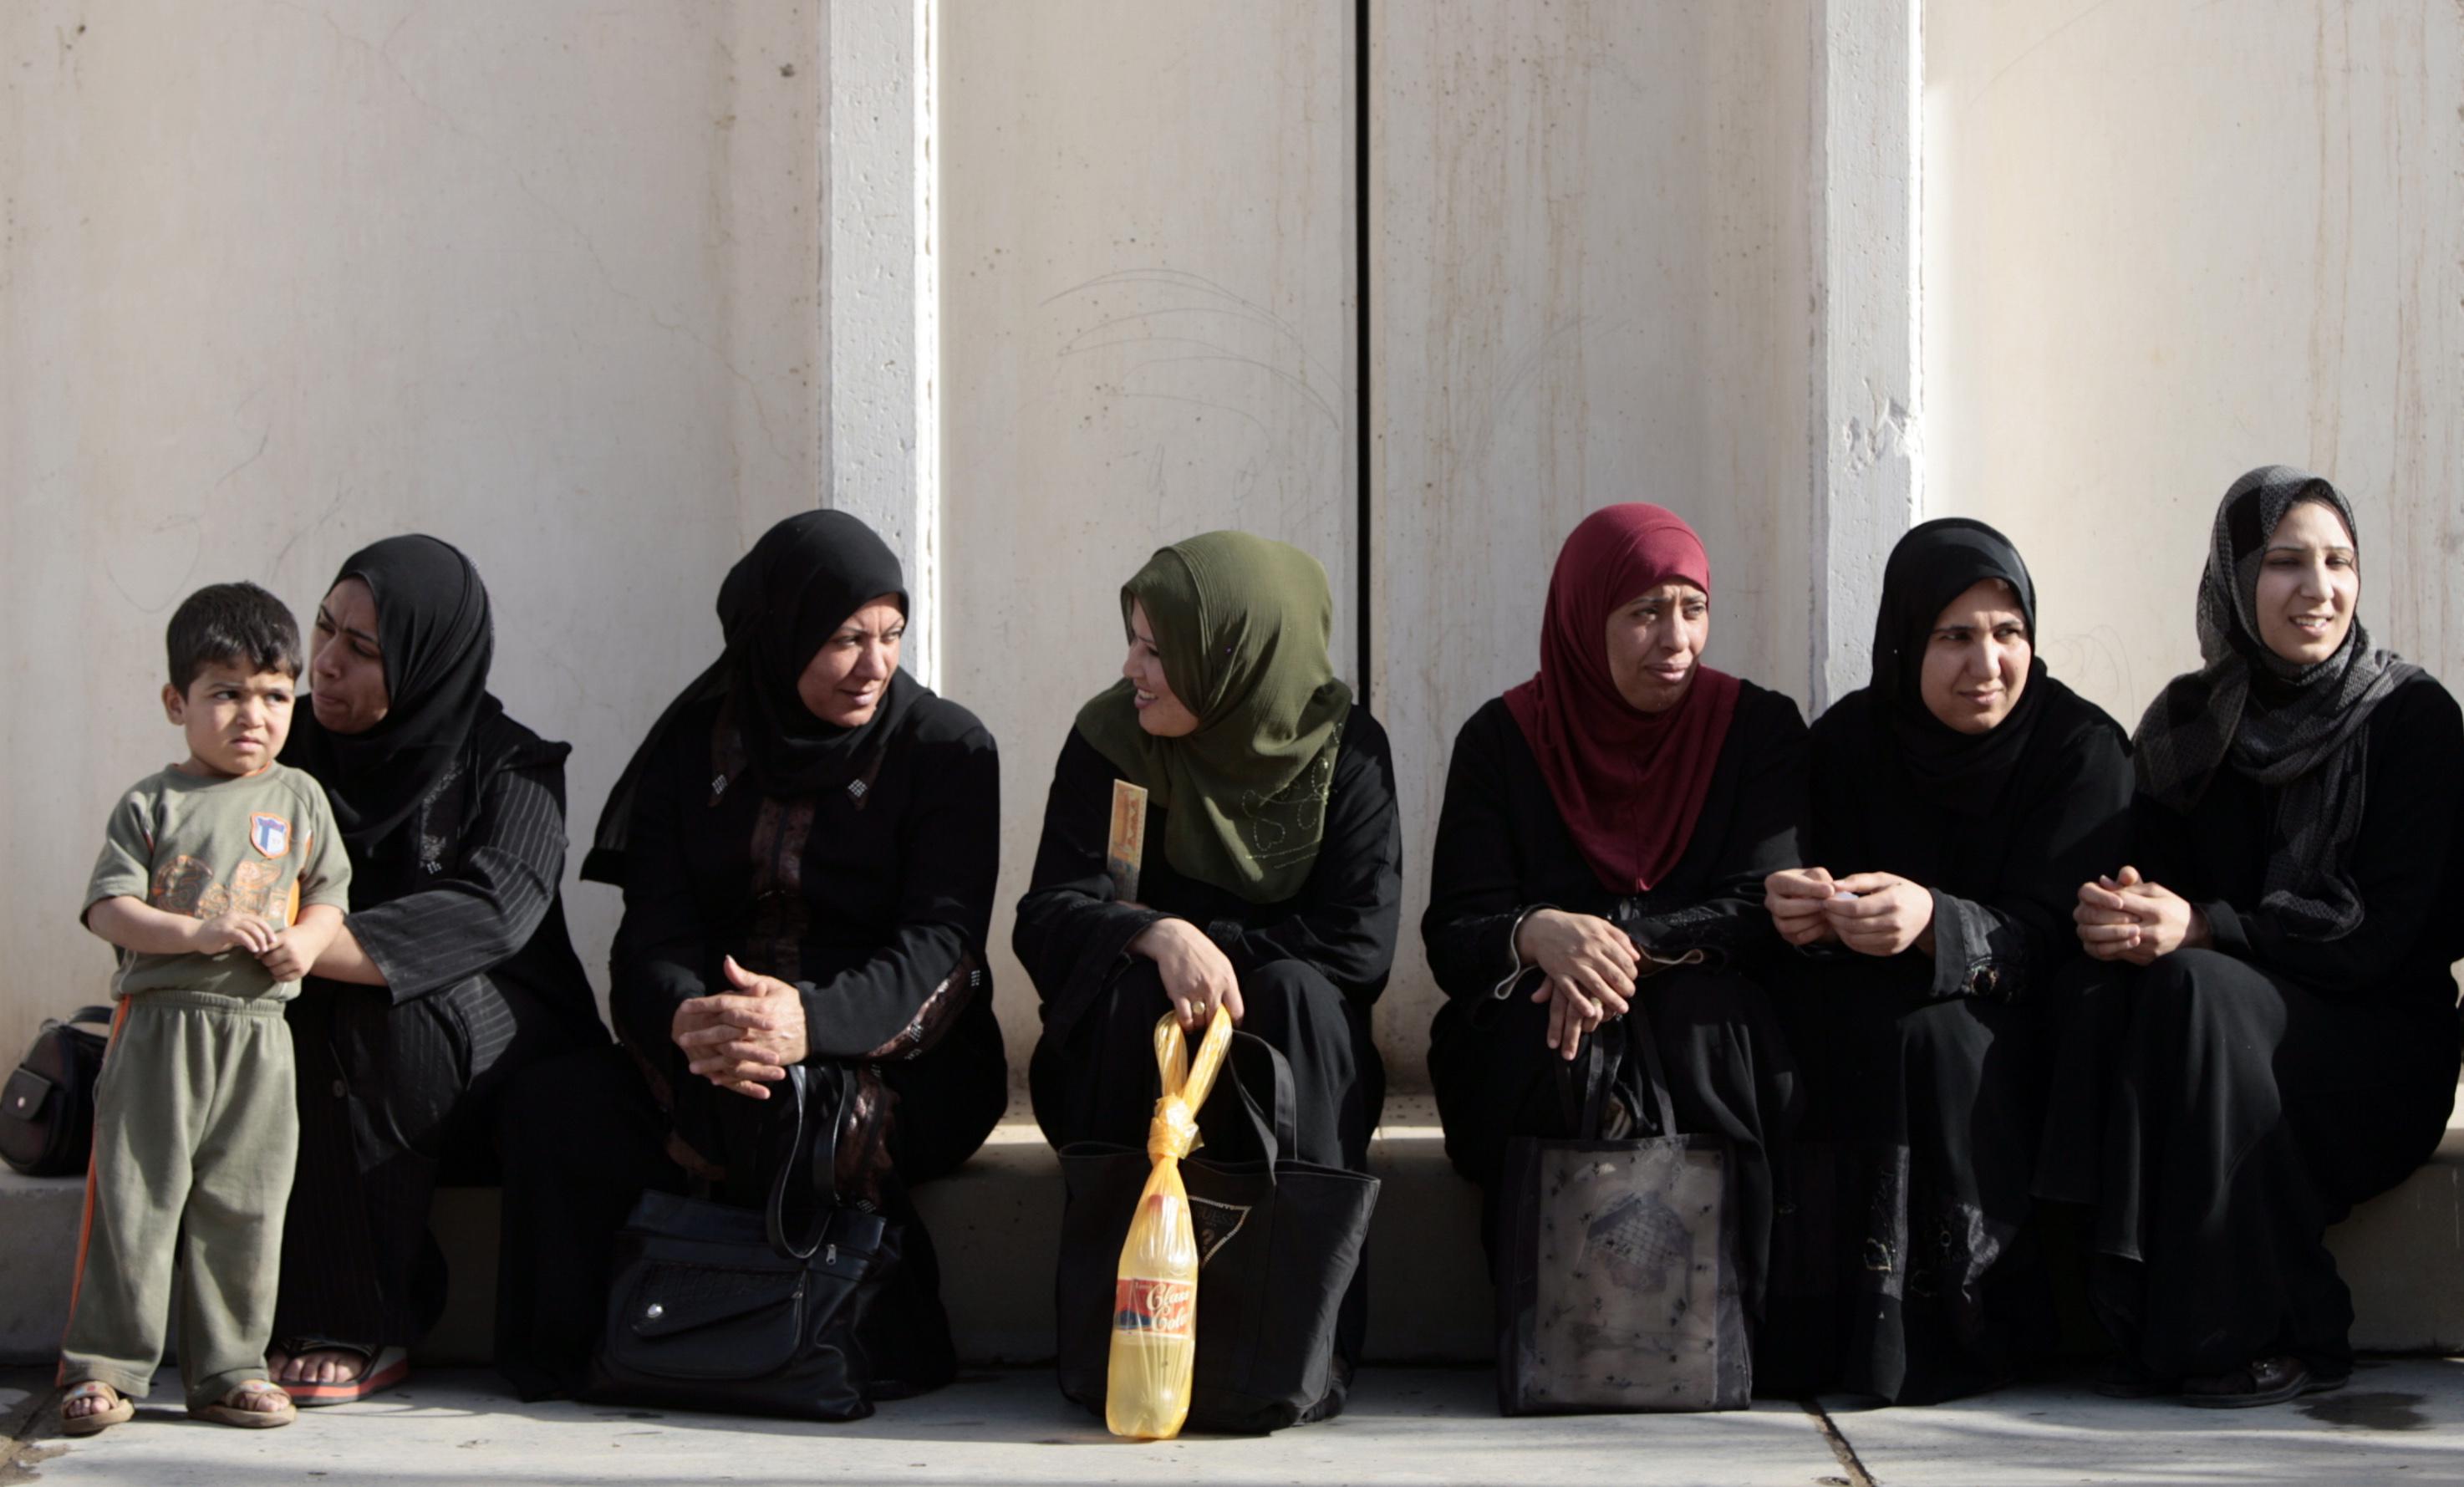 سيدات عراقيات في بغداد، أرشيف